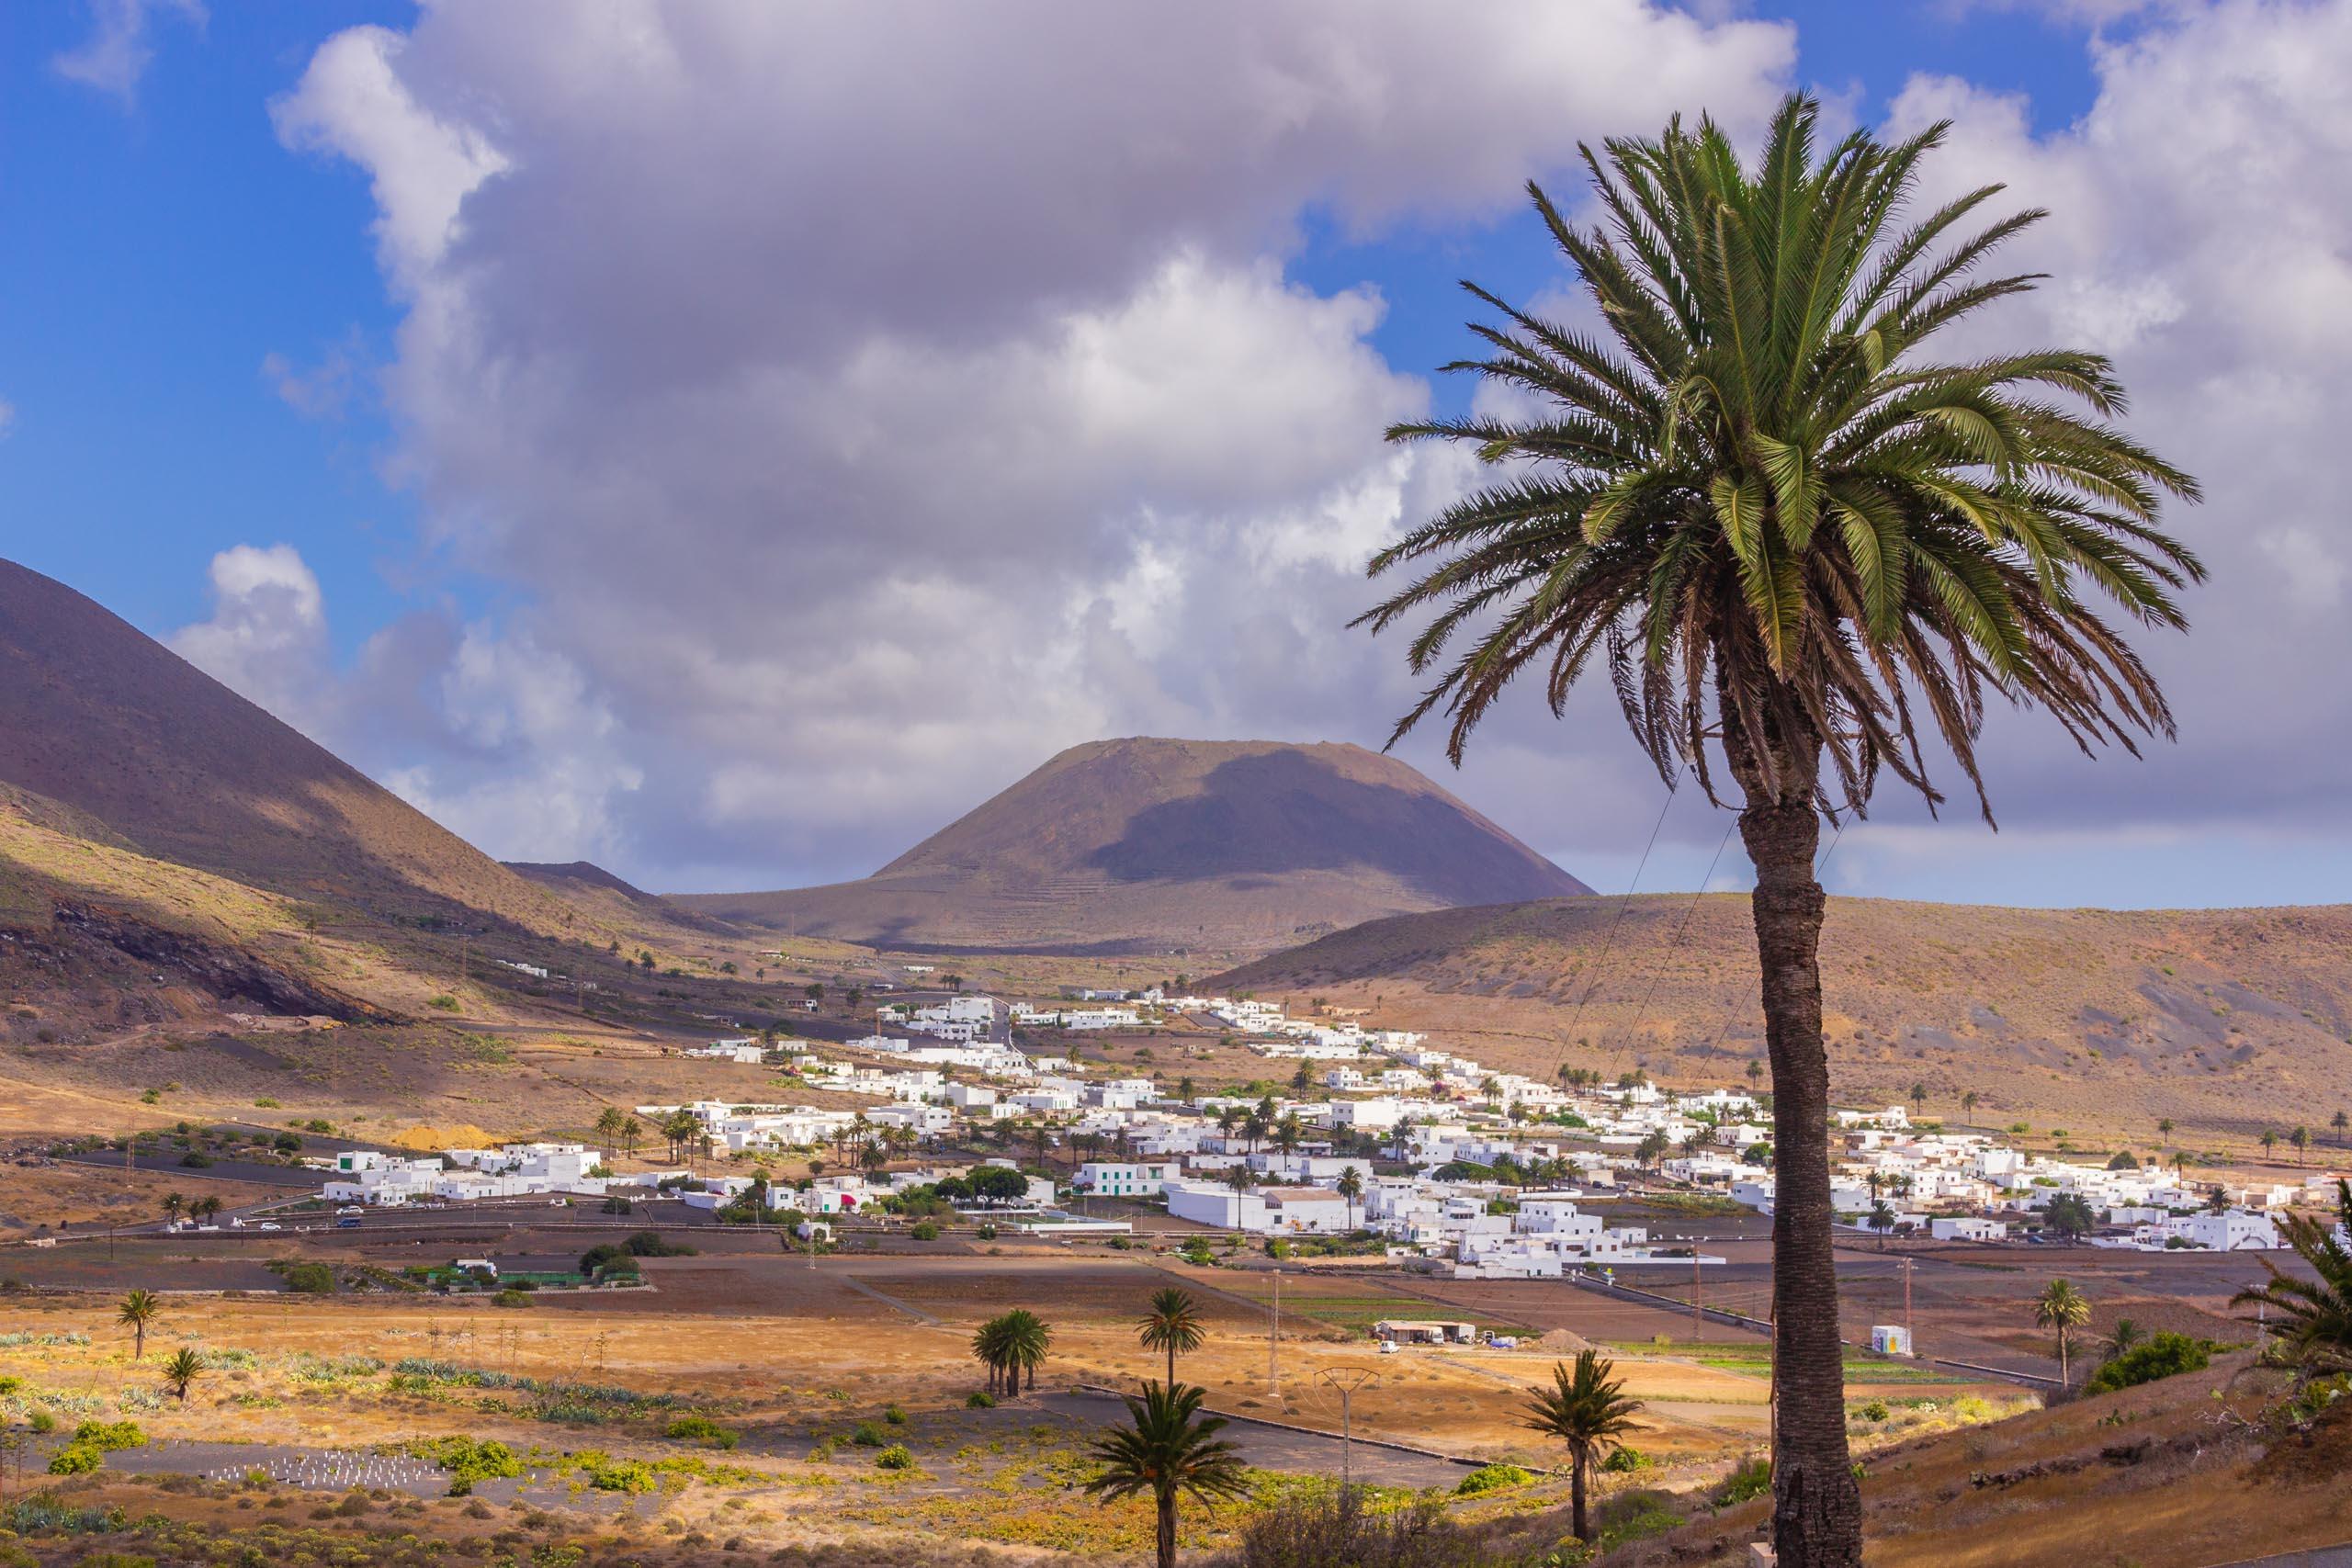 2016 09 Lanzarote Vistamaguez 001